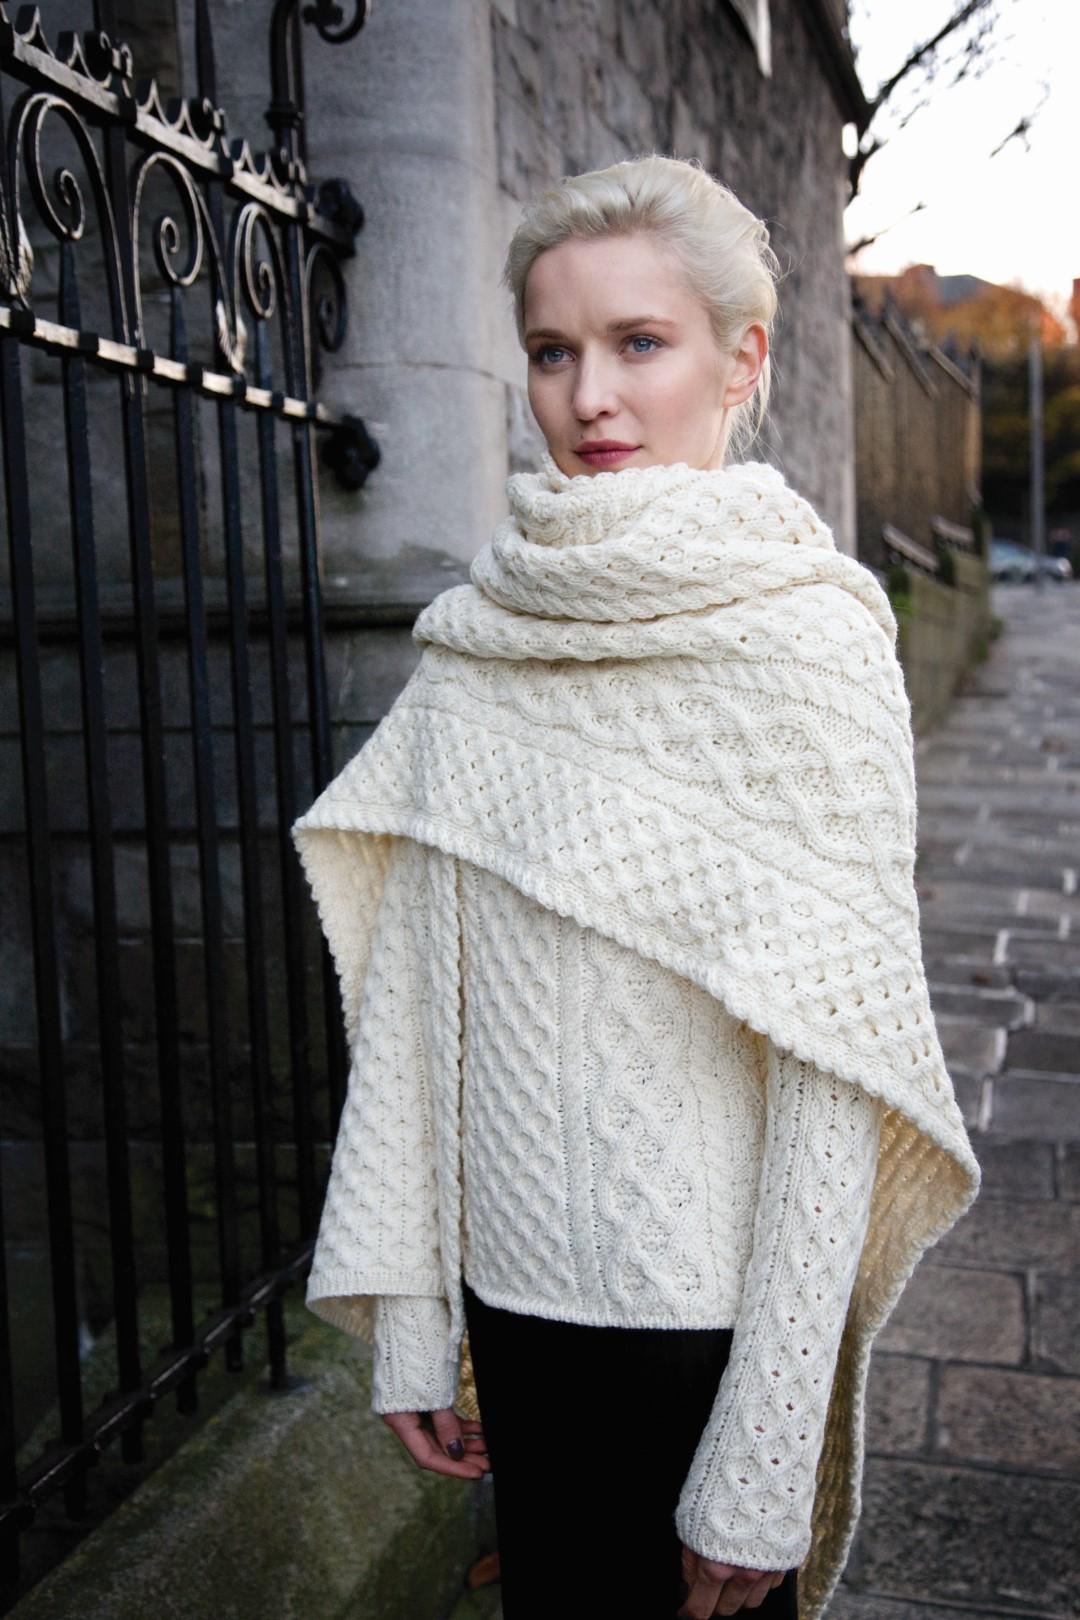 esthétique de luxe codes promo artisanat exquis Grande étole couverture irlandaise chaude laine mérinos